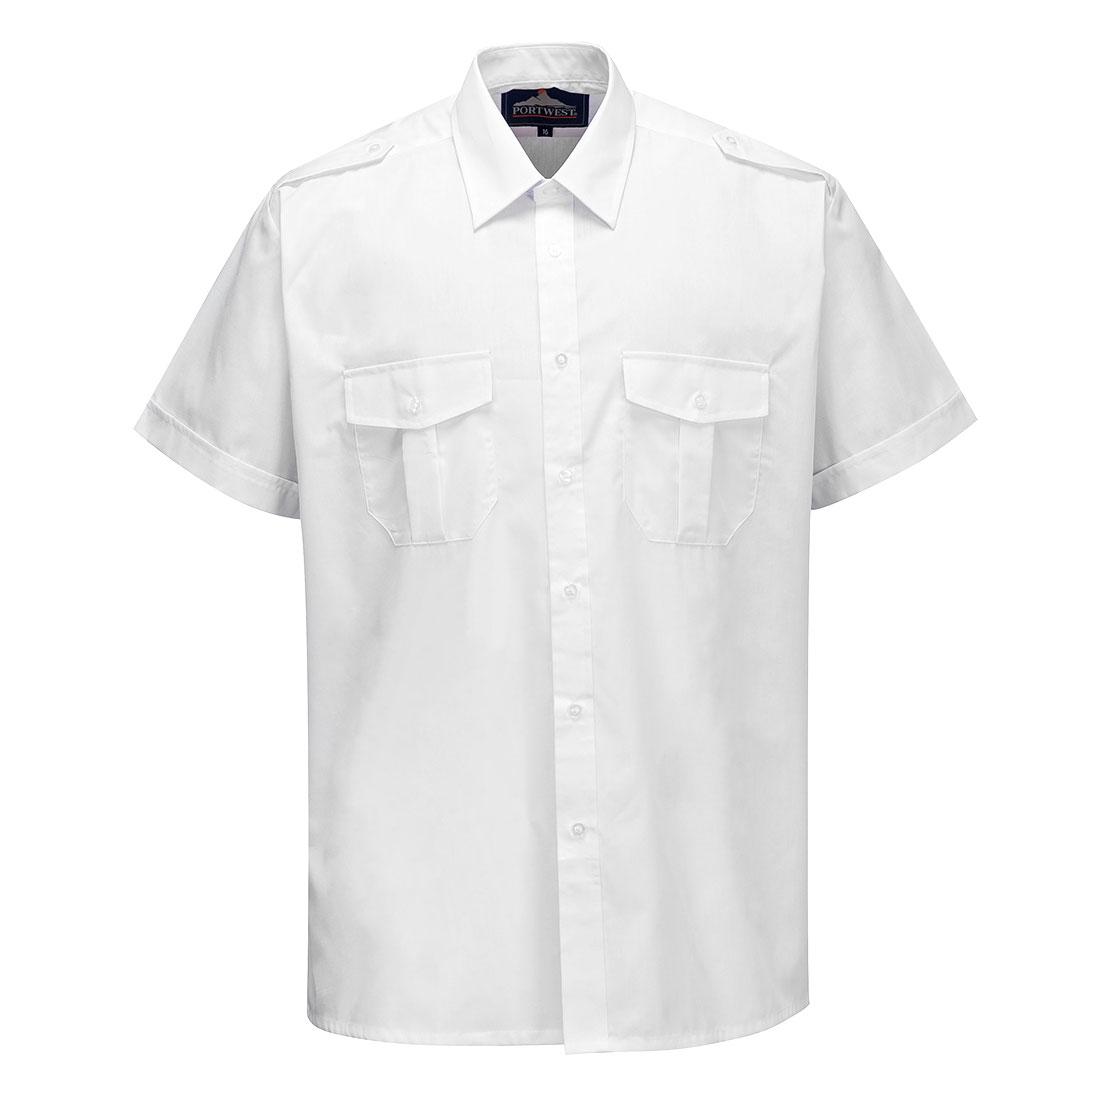 Pilot Shirt Short Sleeve White 185R